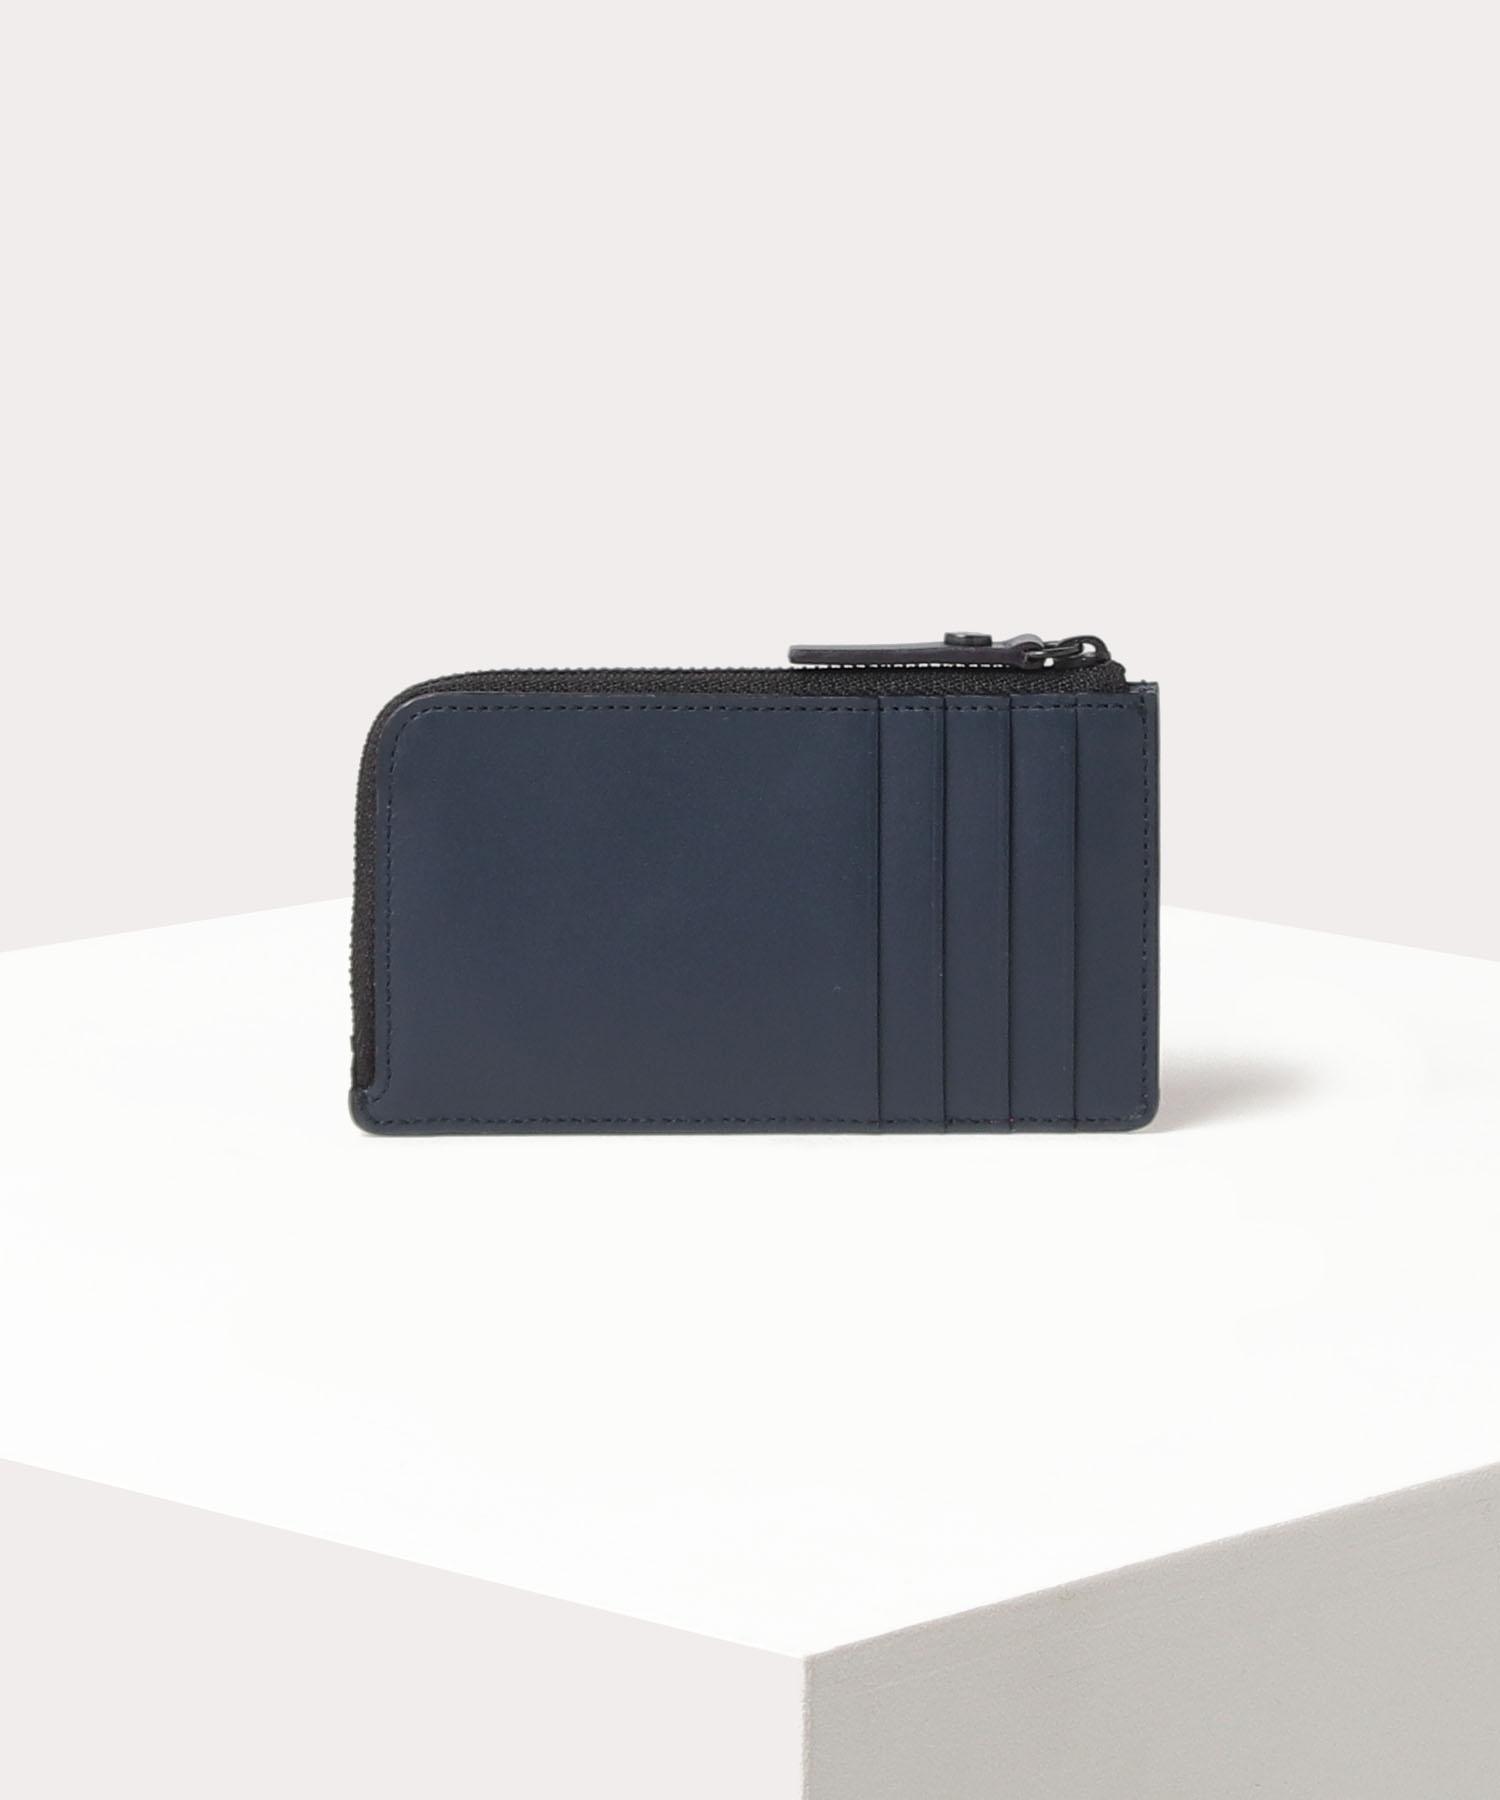 カモフラージュORB ジップカードケース